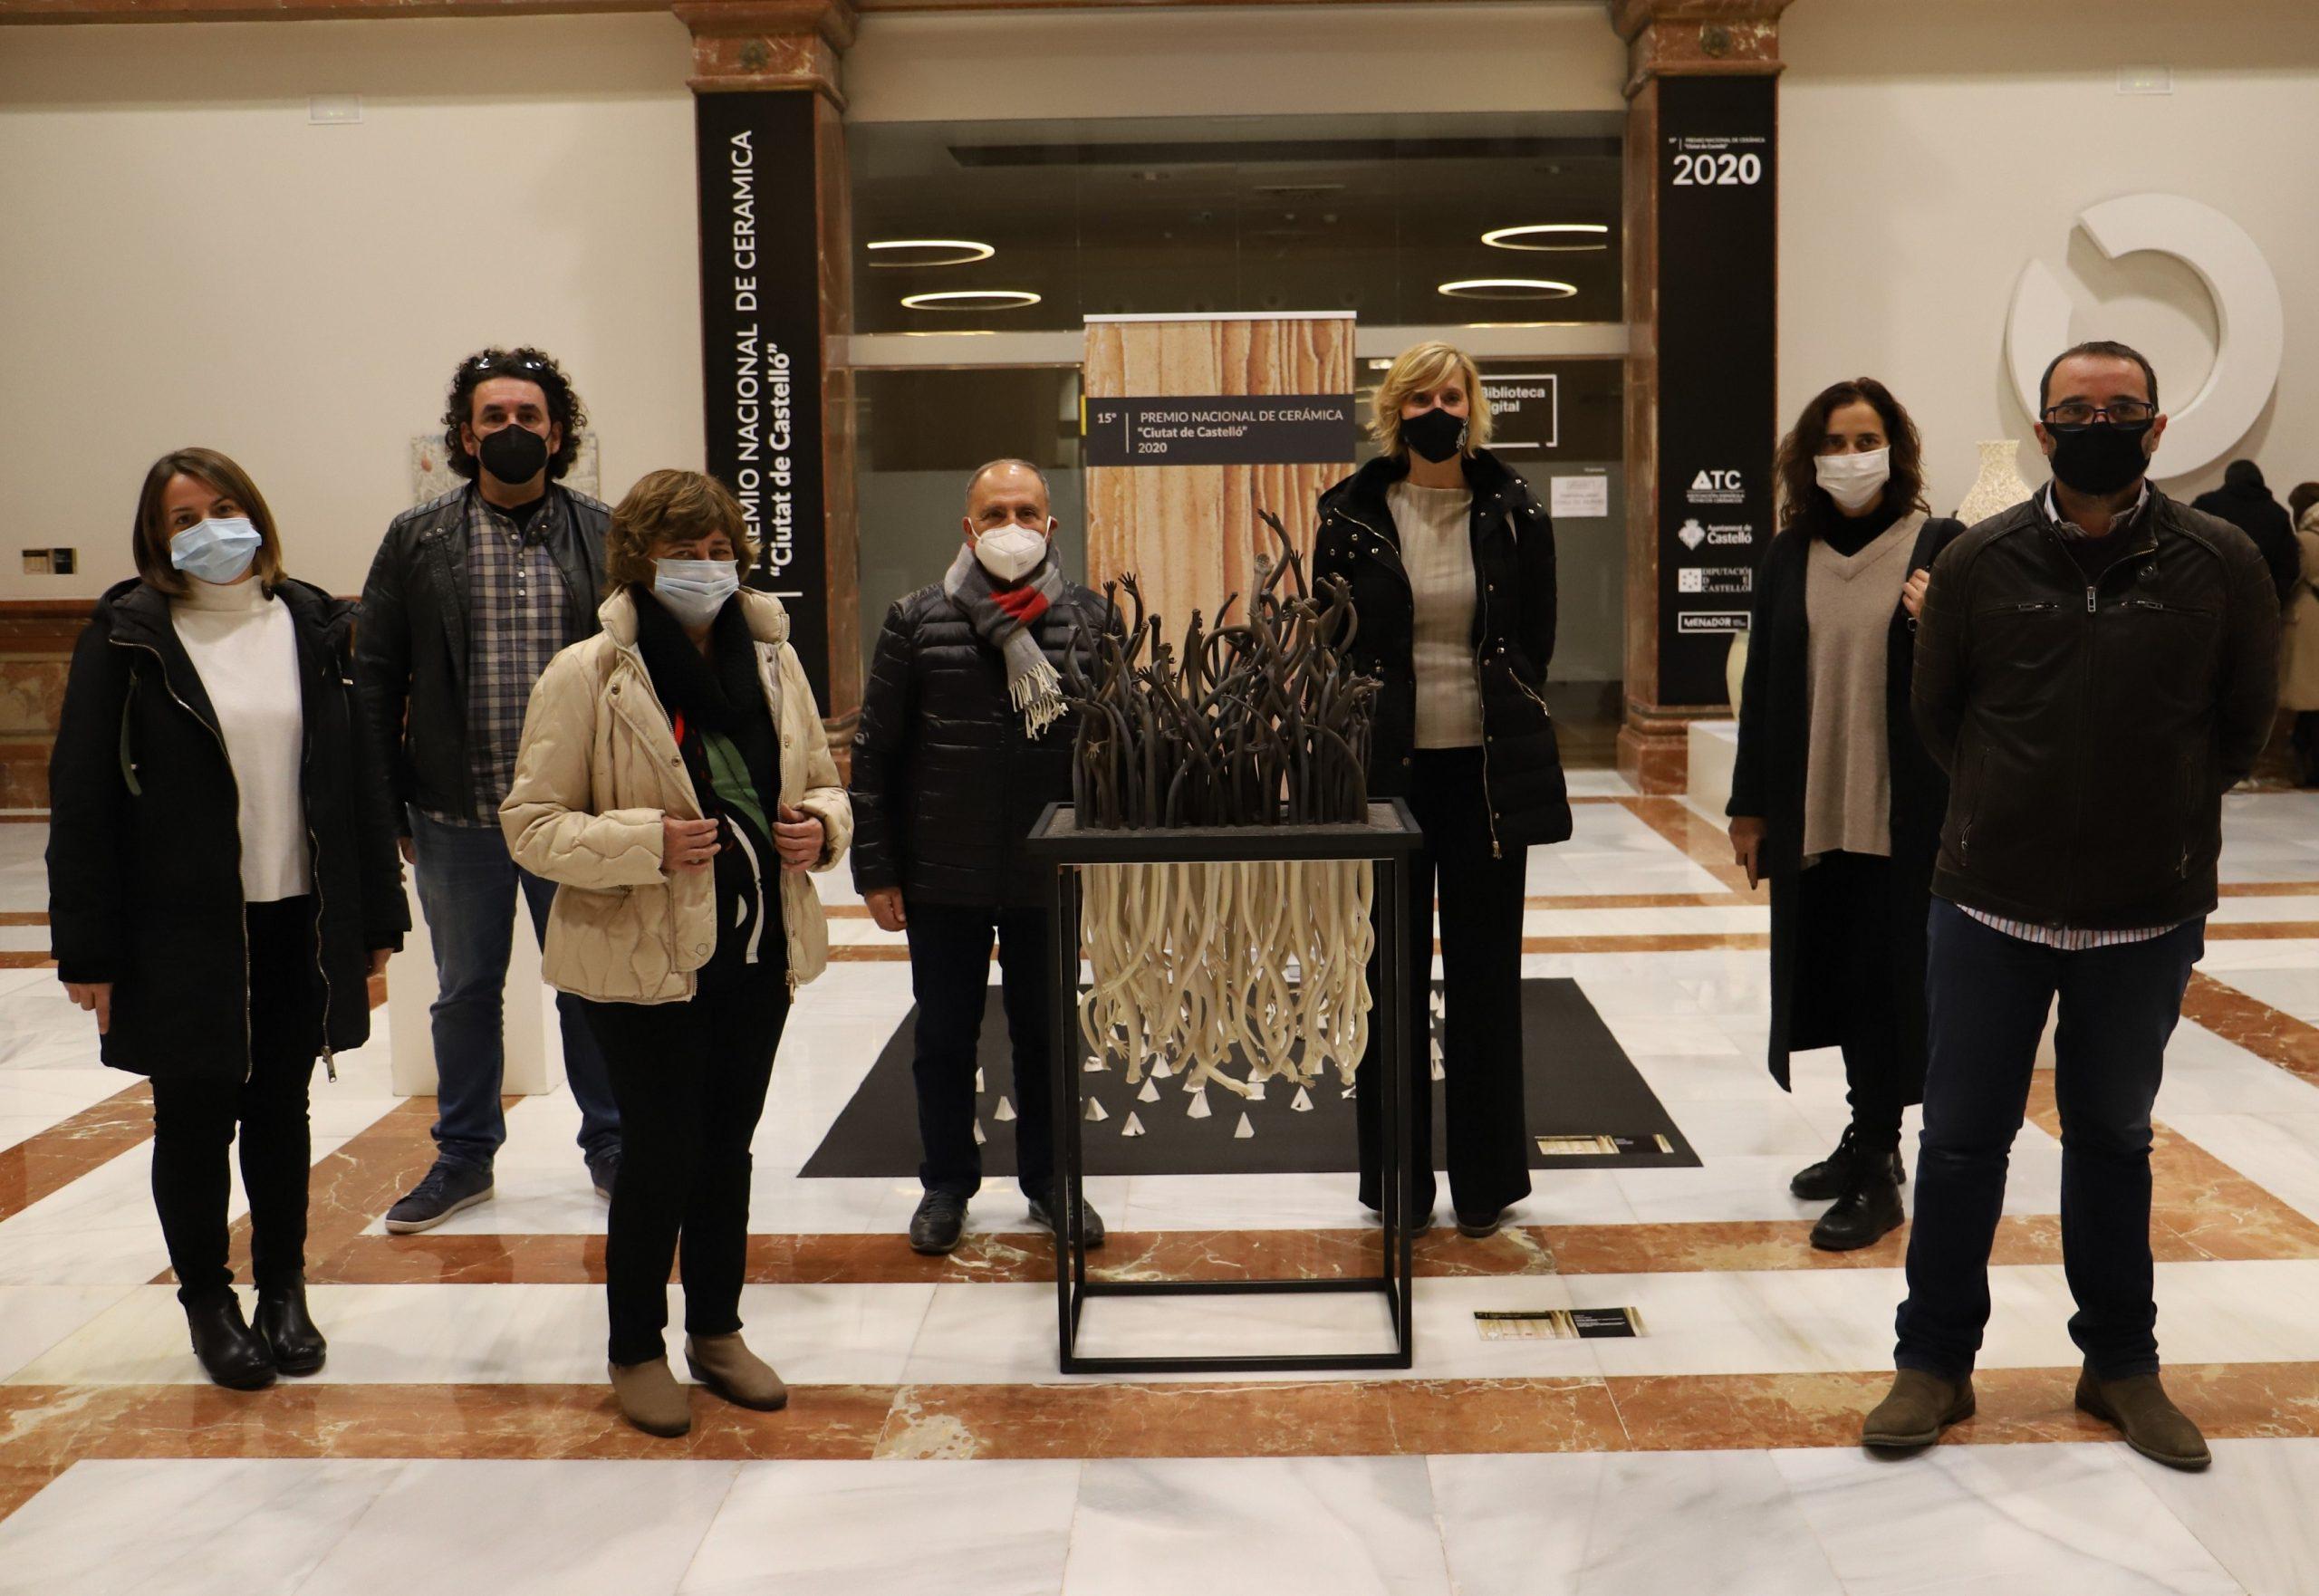 El artista Vicente Ajenjo gana el XV Premio Nacional de Cerámica Ciutat de Castelló con la obra 'Miopía social'